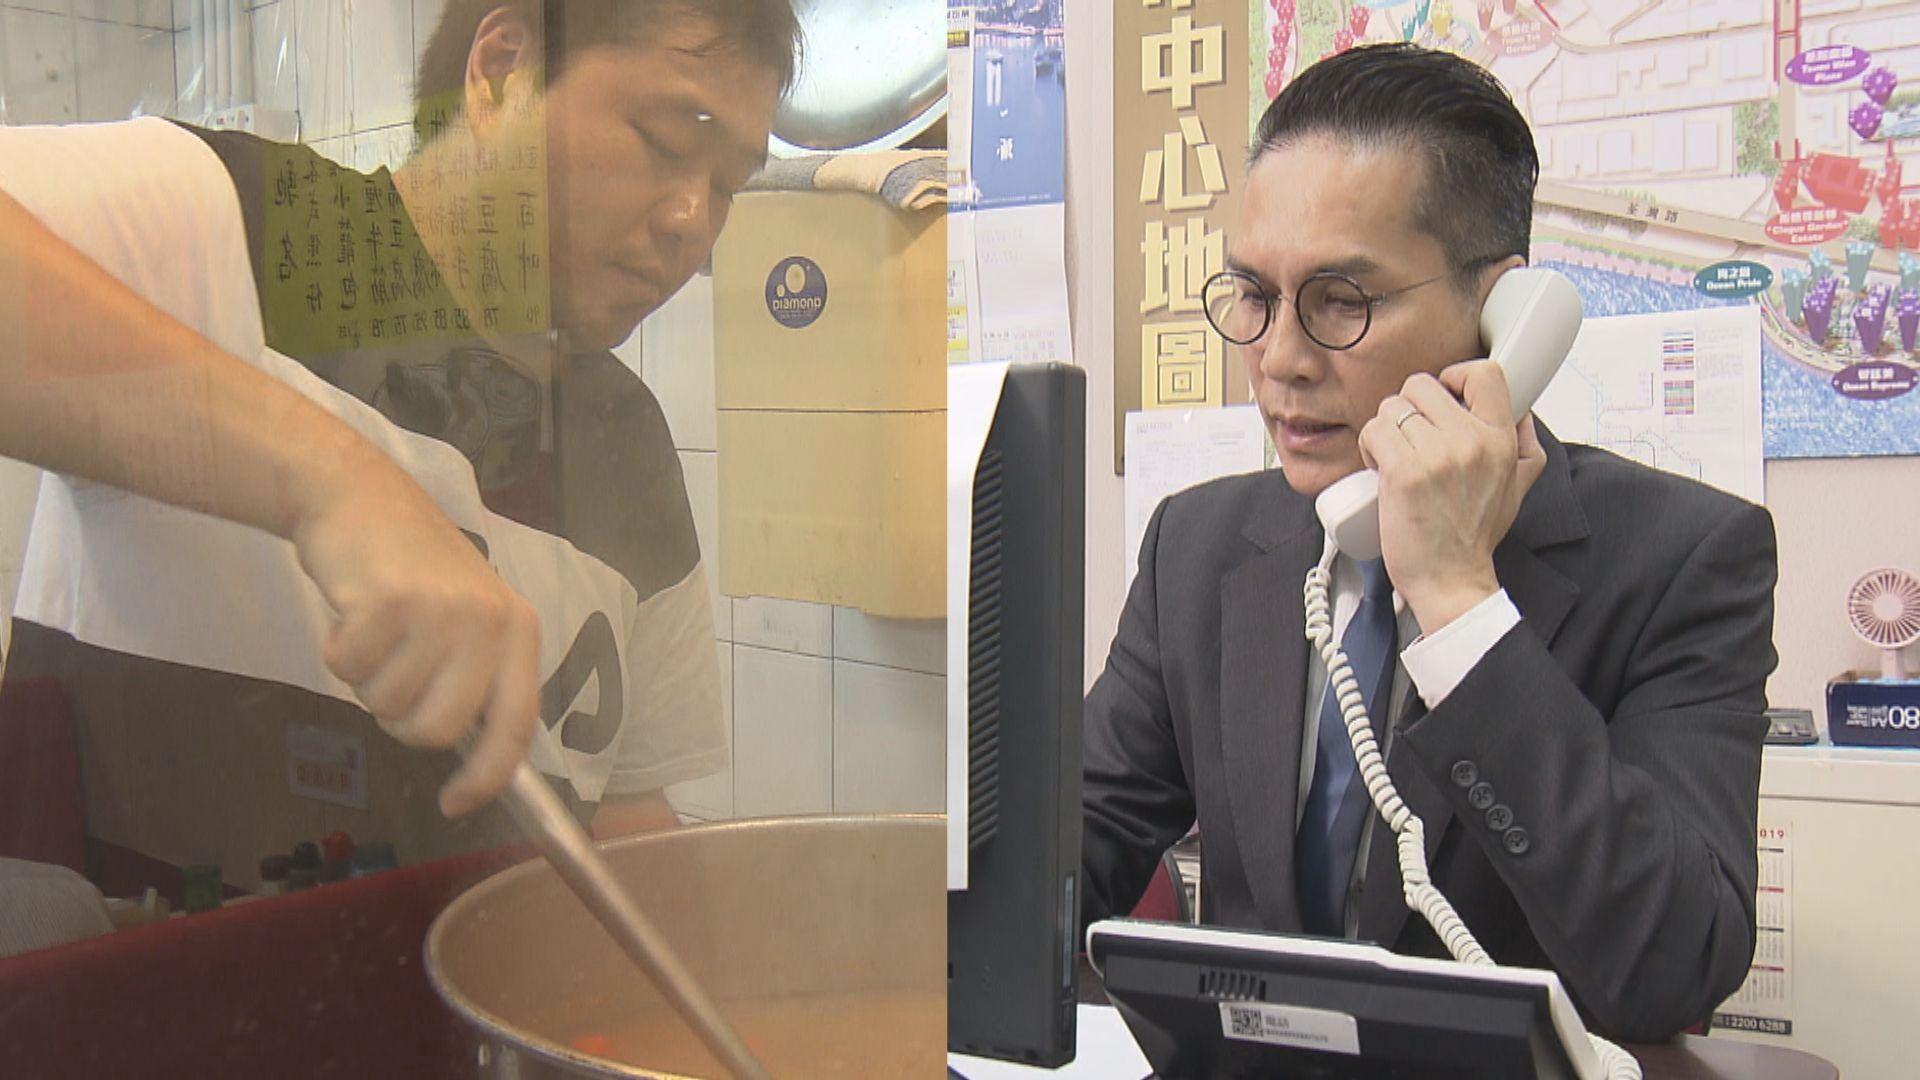 【明日會點?】食肆老闆、地產代理點睇香港經濟